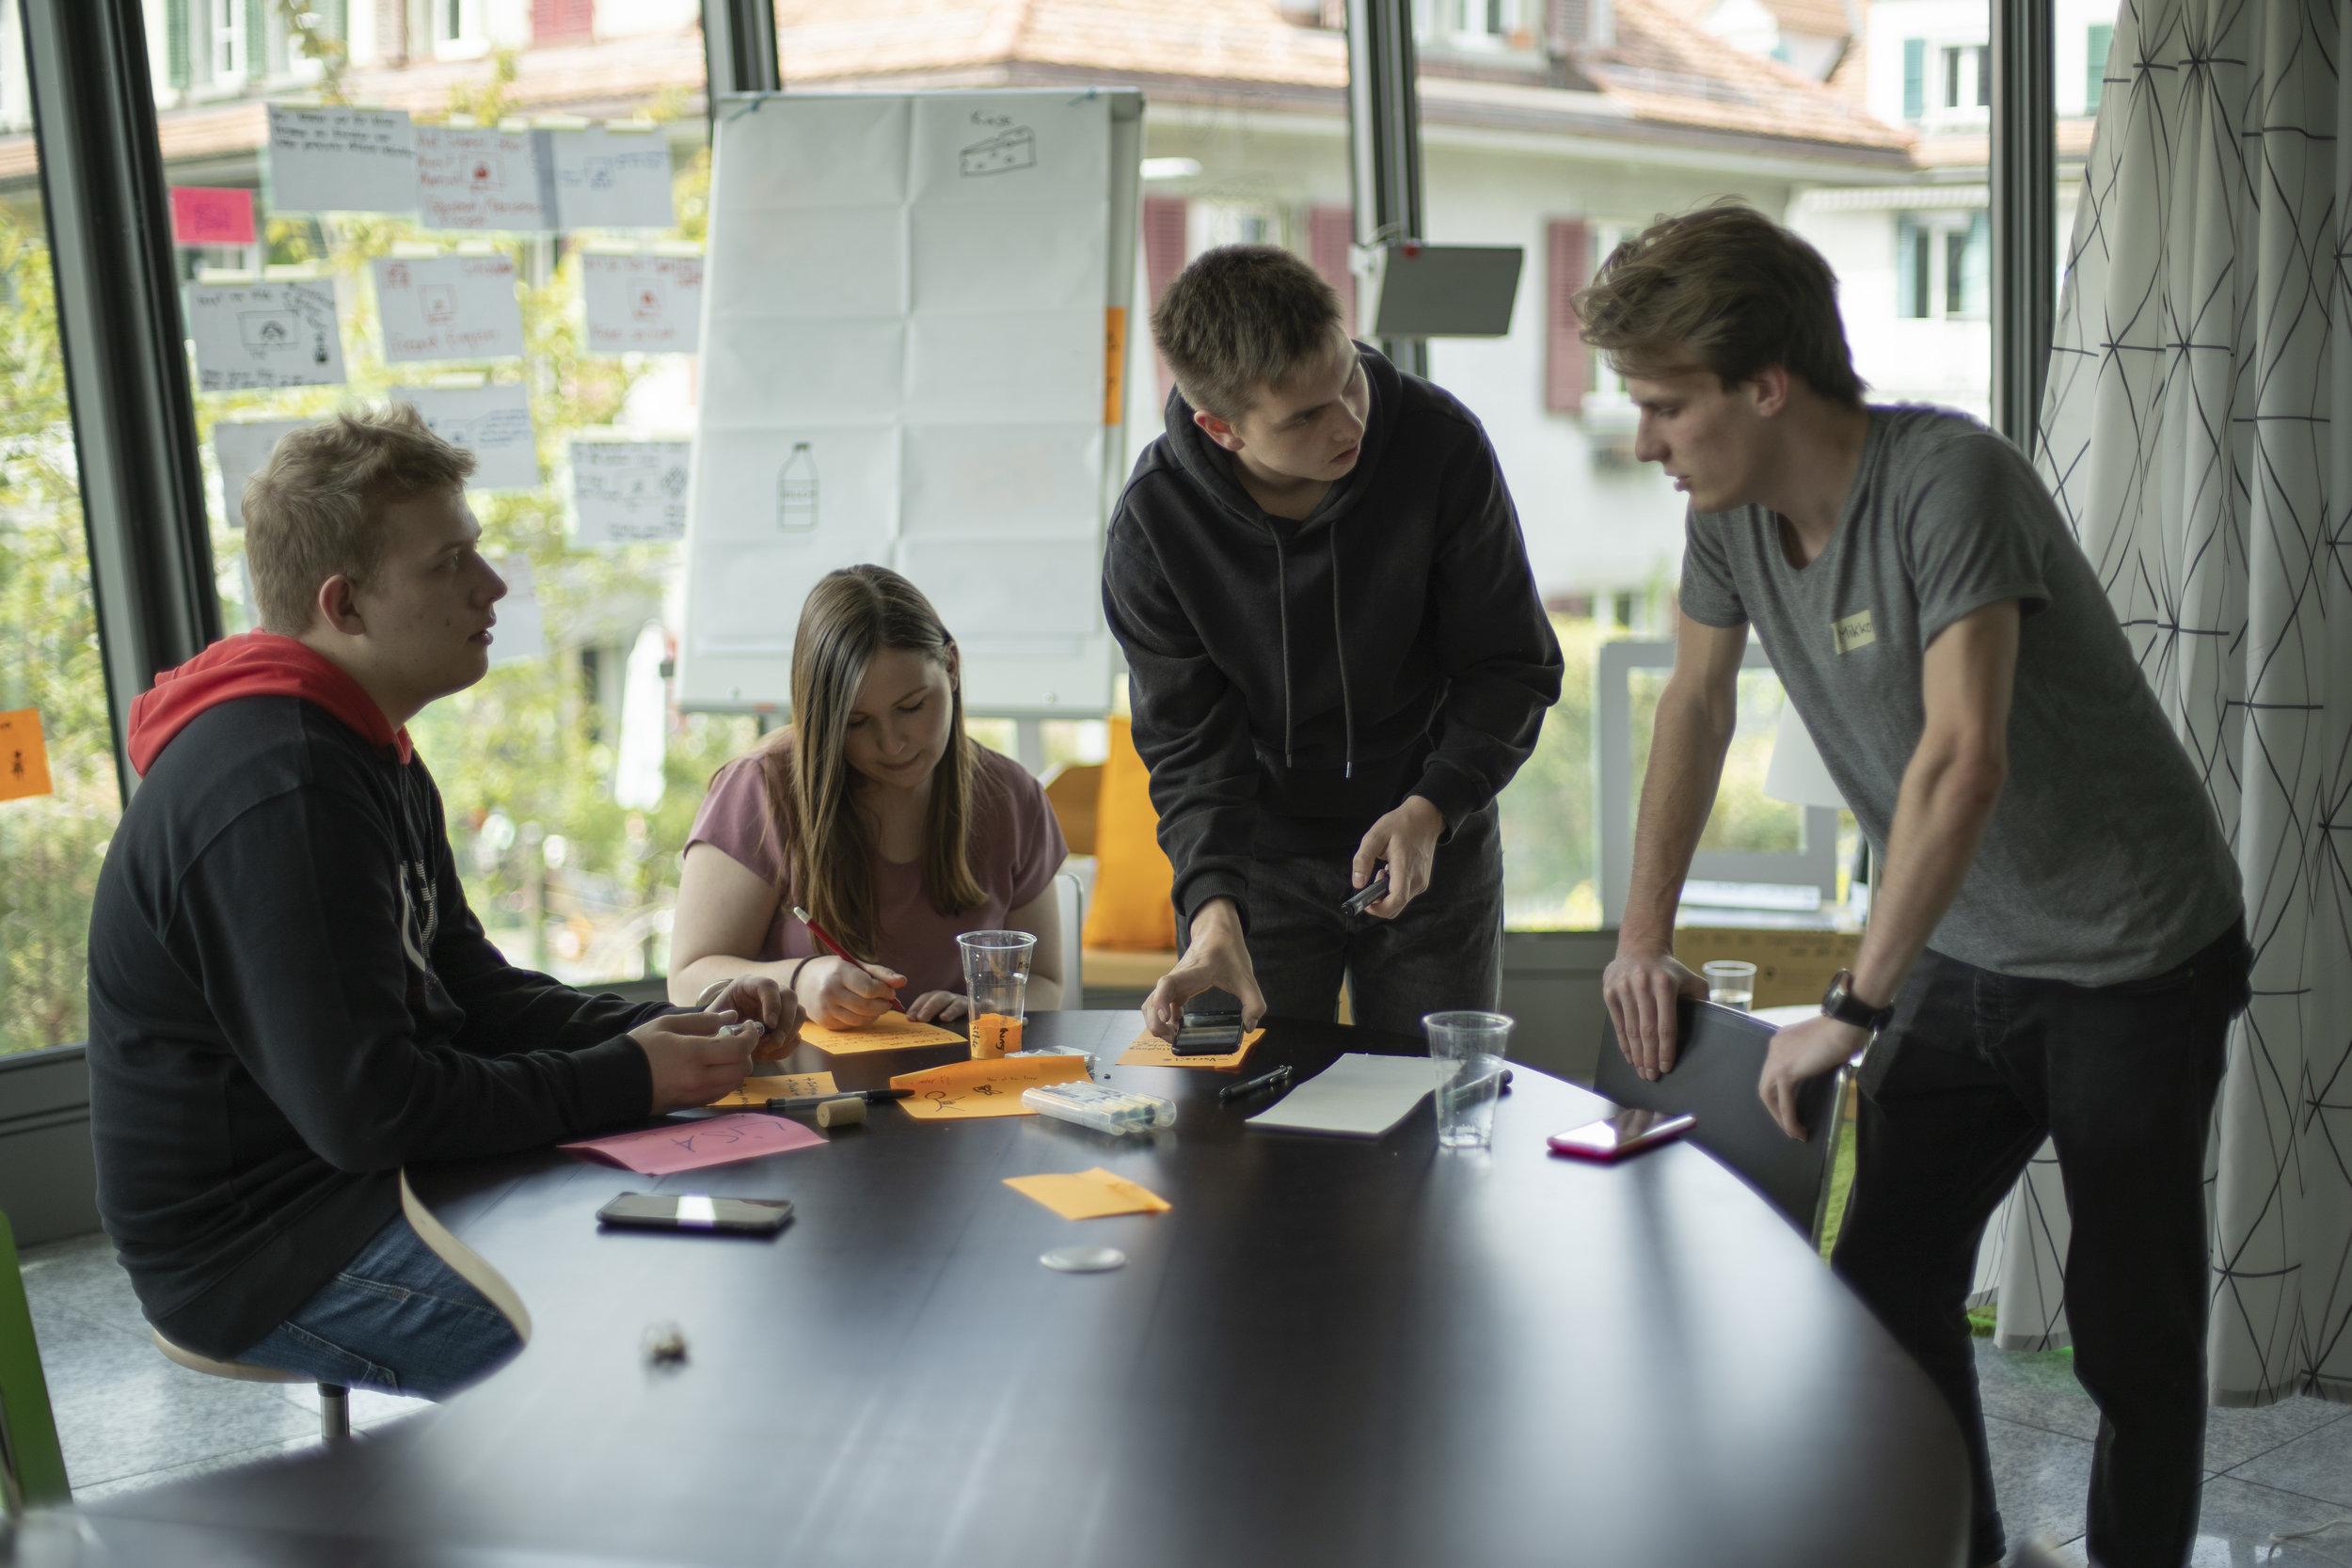 Design Thinking ist eine kreativer Lösungsansatz, der von den erfolgreichsten Firmen der Welt eingesetzt wird. Bei INNOROOKIE erlebst und lernst du daraus das Wichtigste Innovations-Handwerk. Du arbeitest in einem Team, an einer eigenen Idee - und präsentierst sie, um wertvolles Feedback zur Weiterentwicklung zu erhalten.